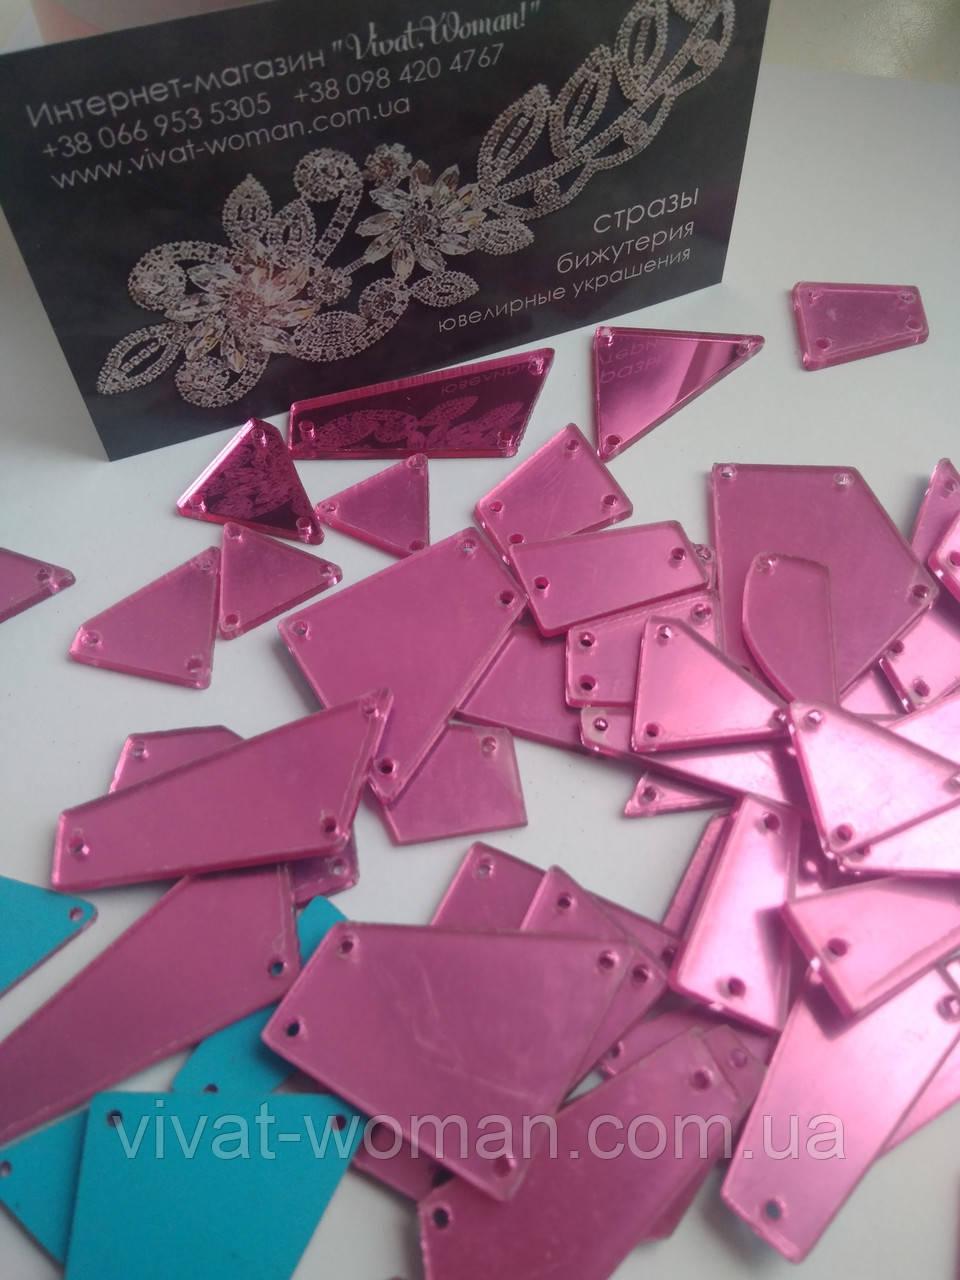 Зеркальные пришивные стразы Rose (розовые), микс. 50 штук в уп.